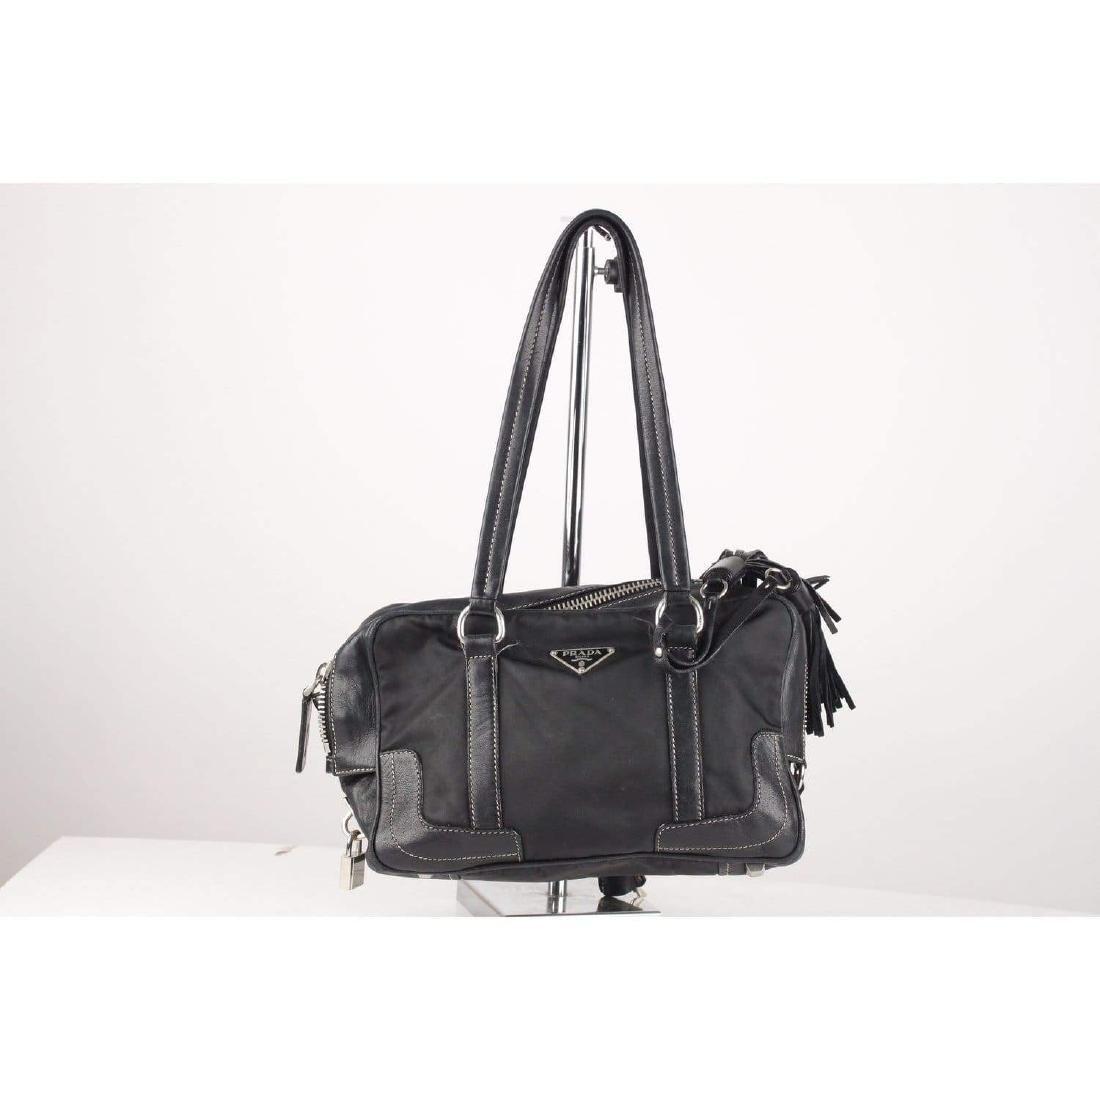 Prada Shoulder Bag with Tassels - 5